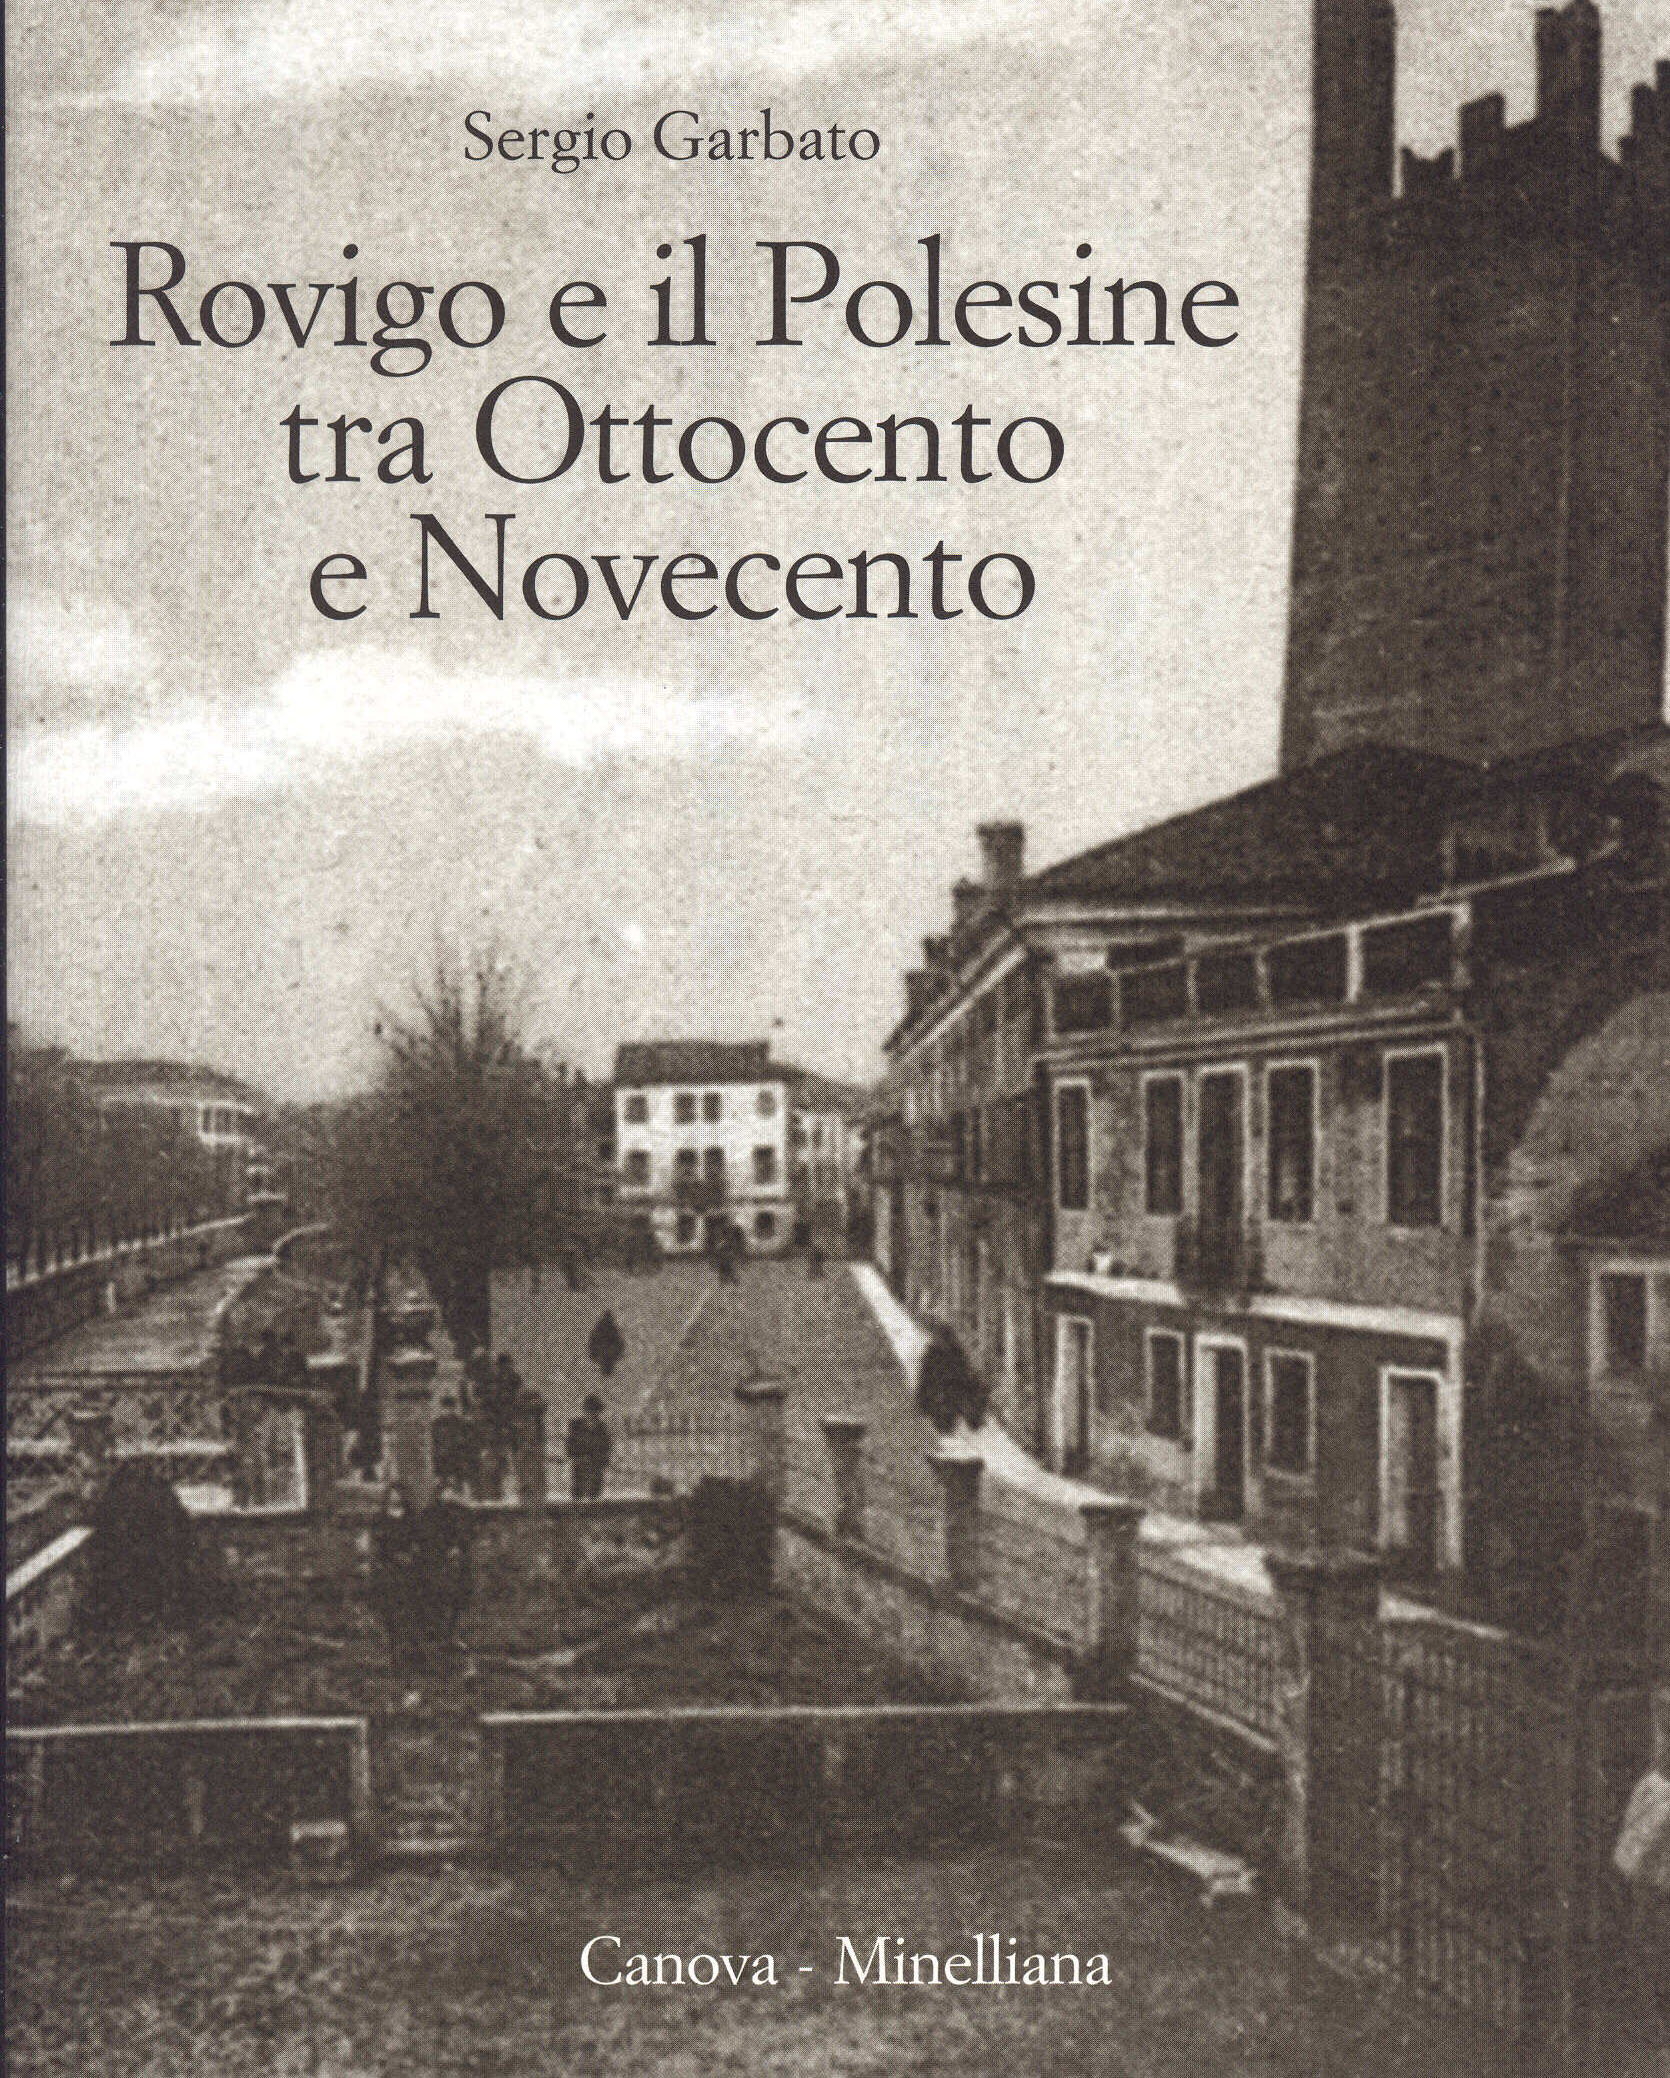 Rovigo e il Polesine tra Ottocento e Novecento